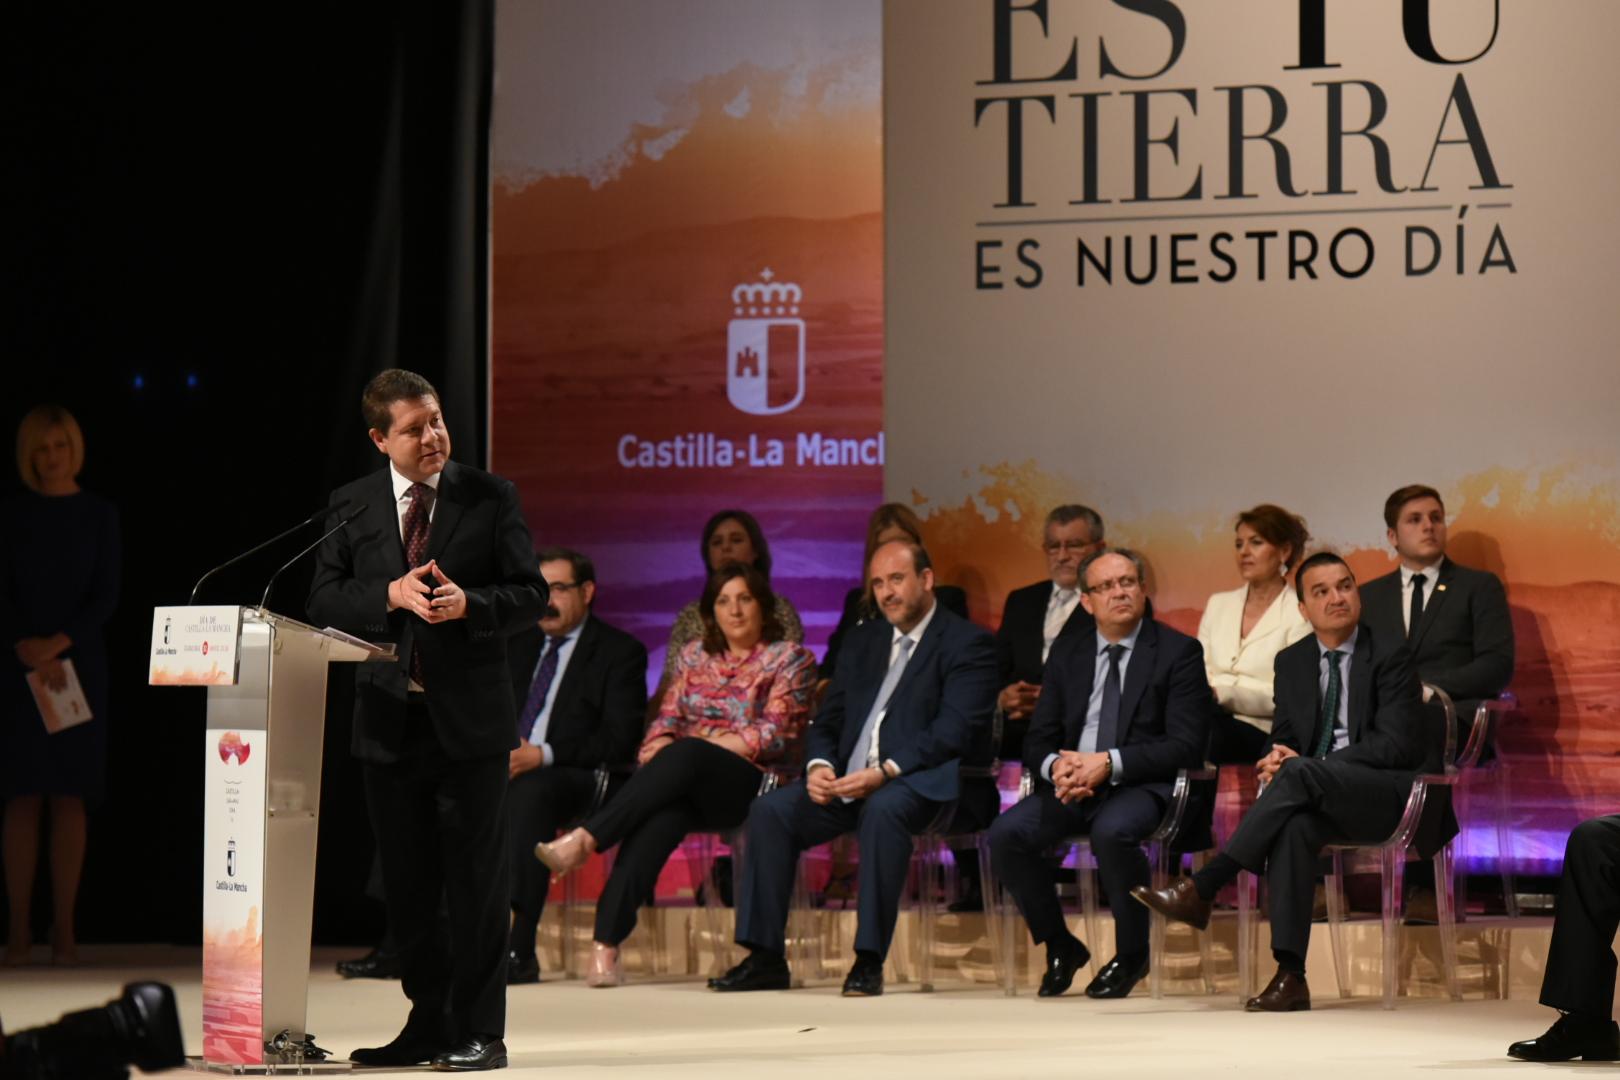 El Gobierno regional celebra los 34 años de autonomía de Castilla-La Mancha de la mano de los agentes sociales y económicos